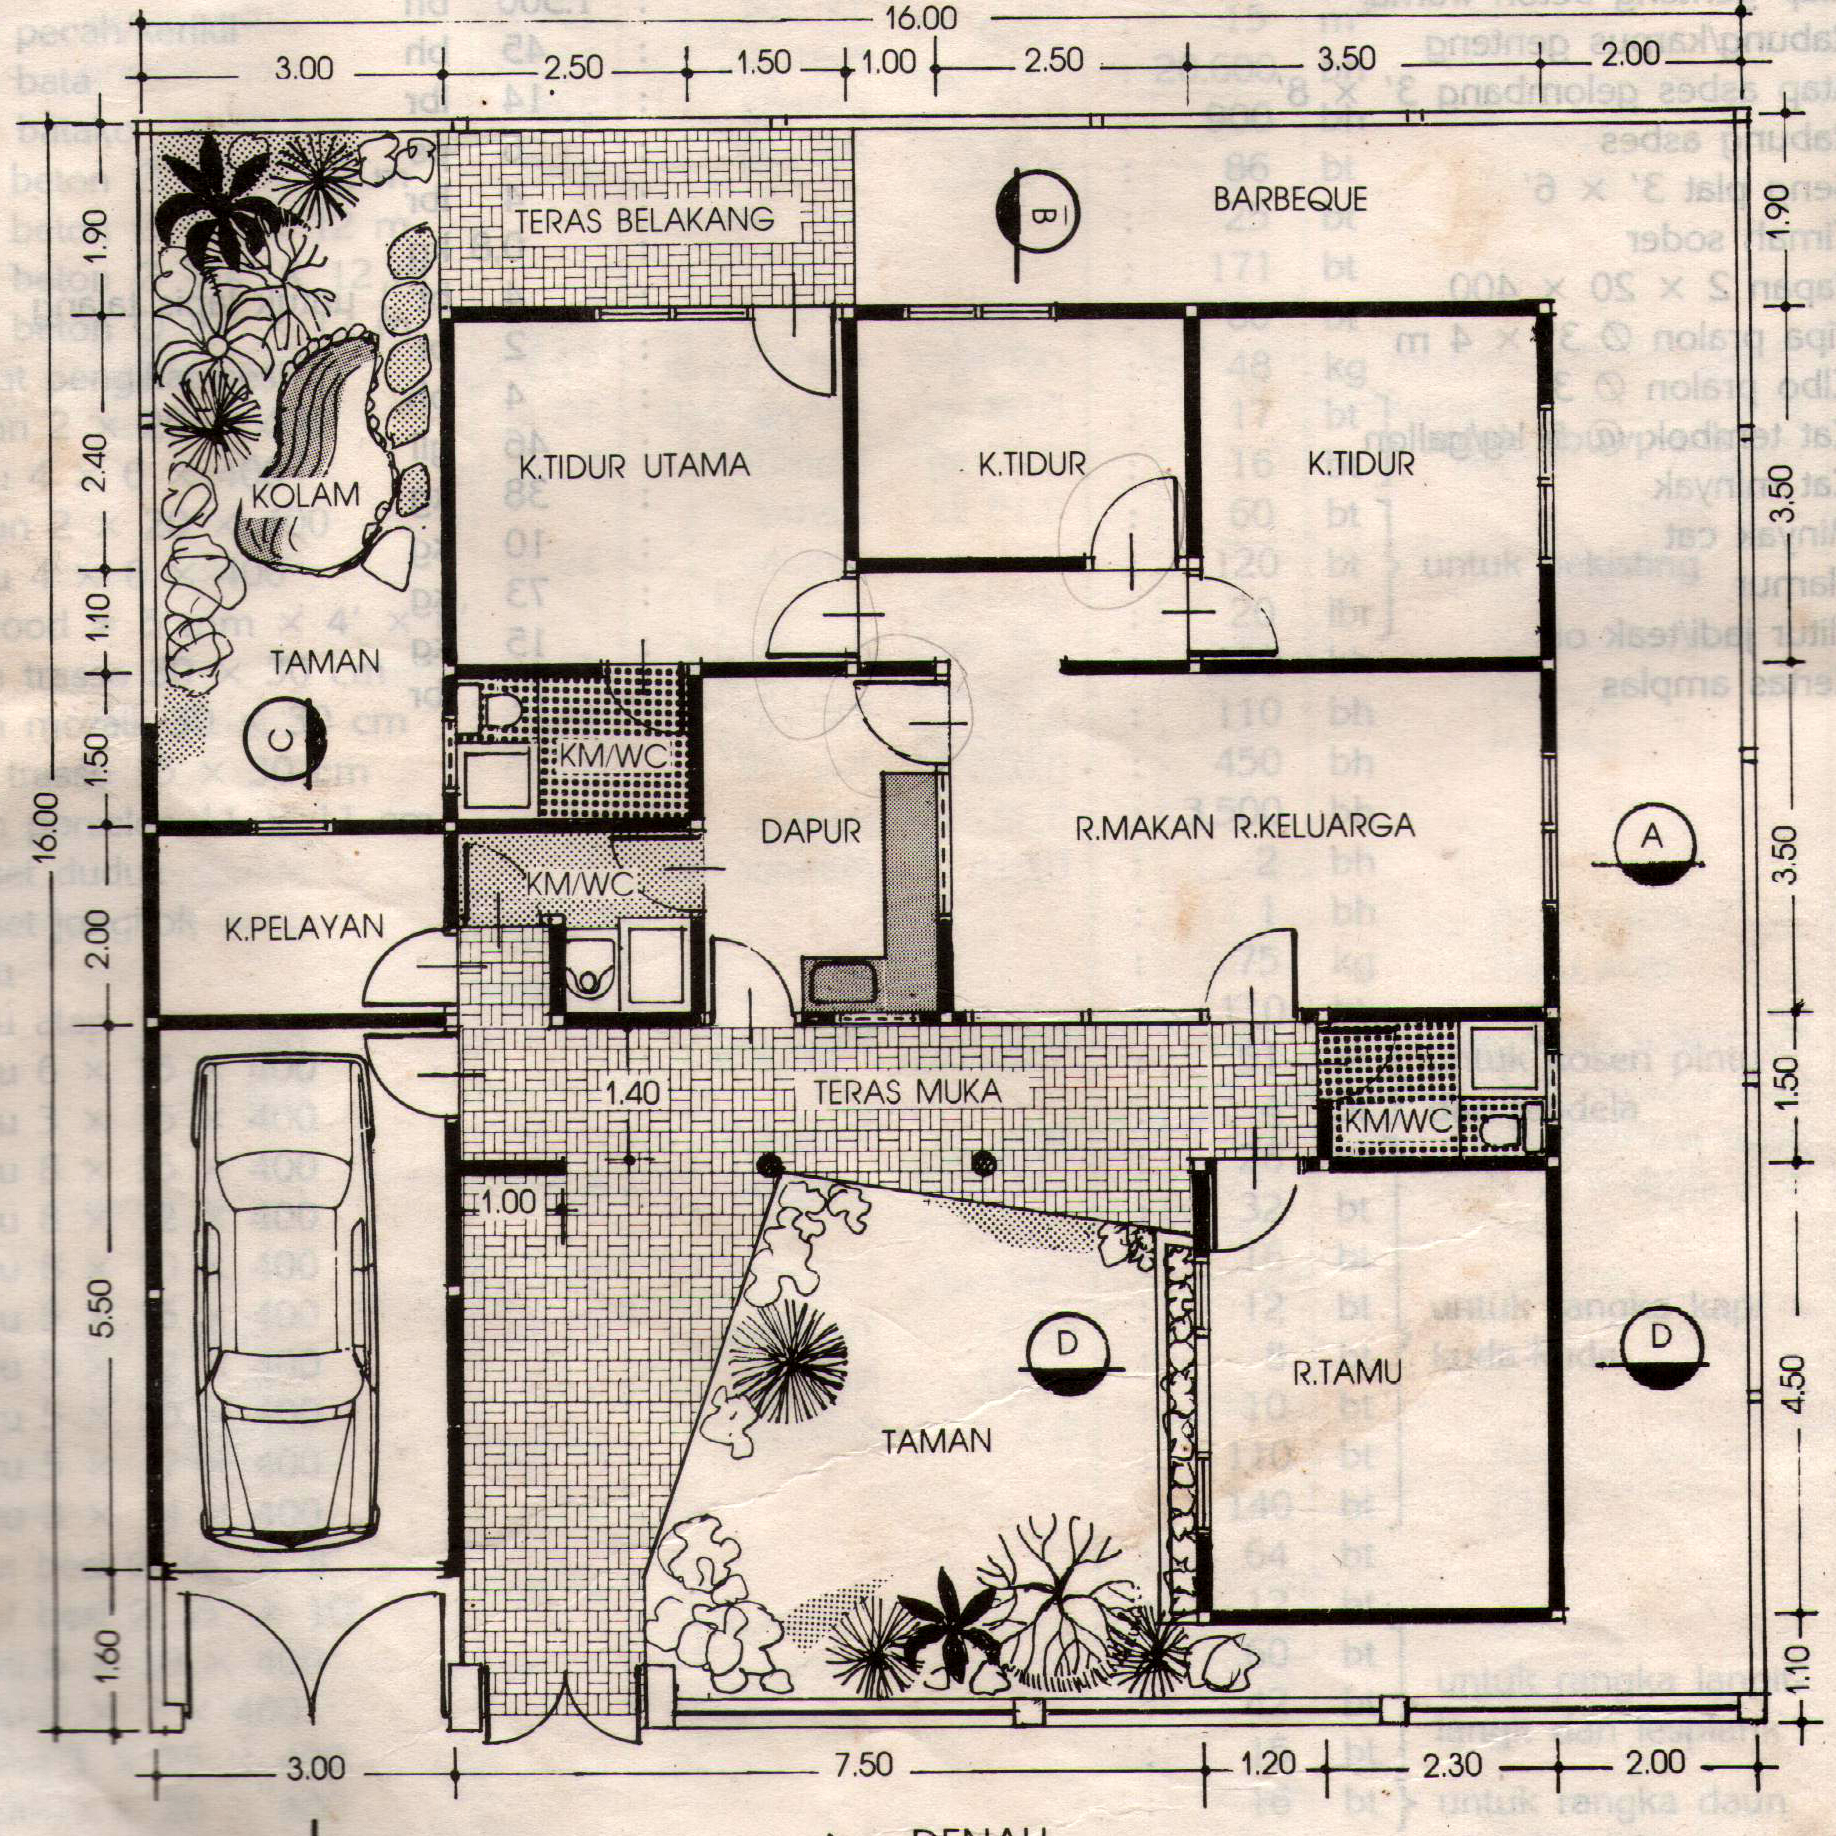 Desain Denah Rumah Jawa Modern 109 foto dan denah rumah minimalis modern   gambar desain rumah